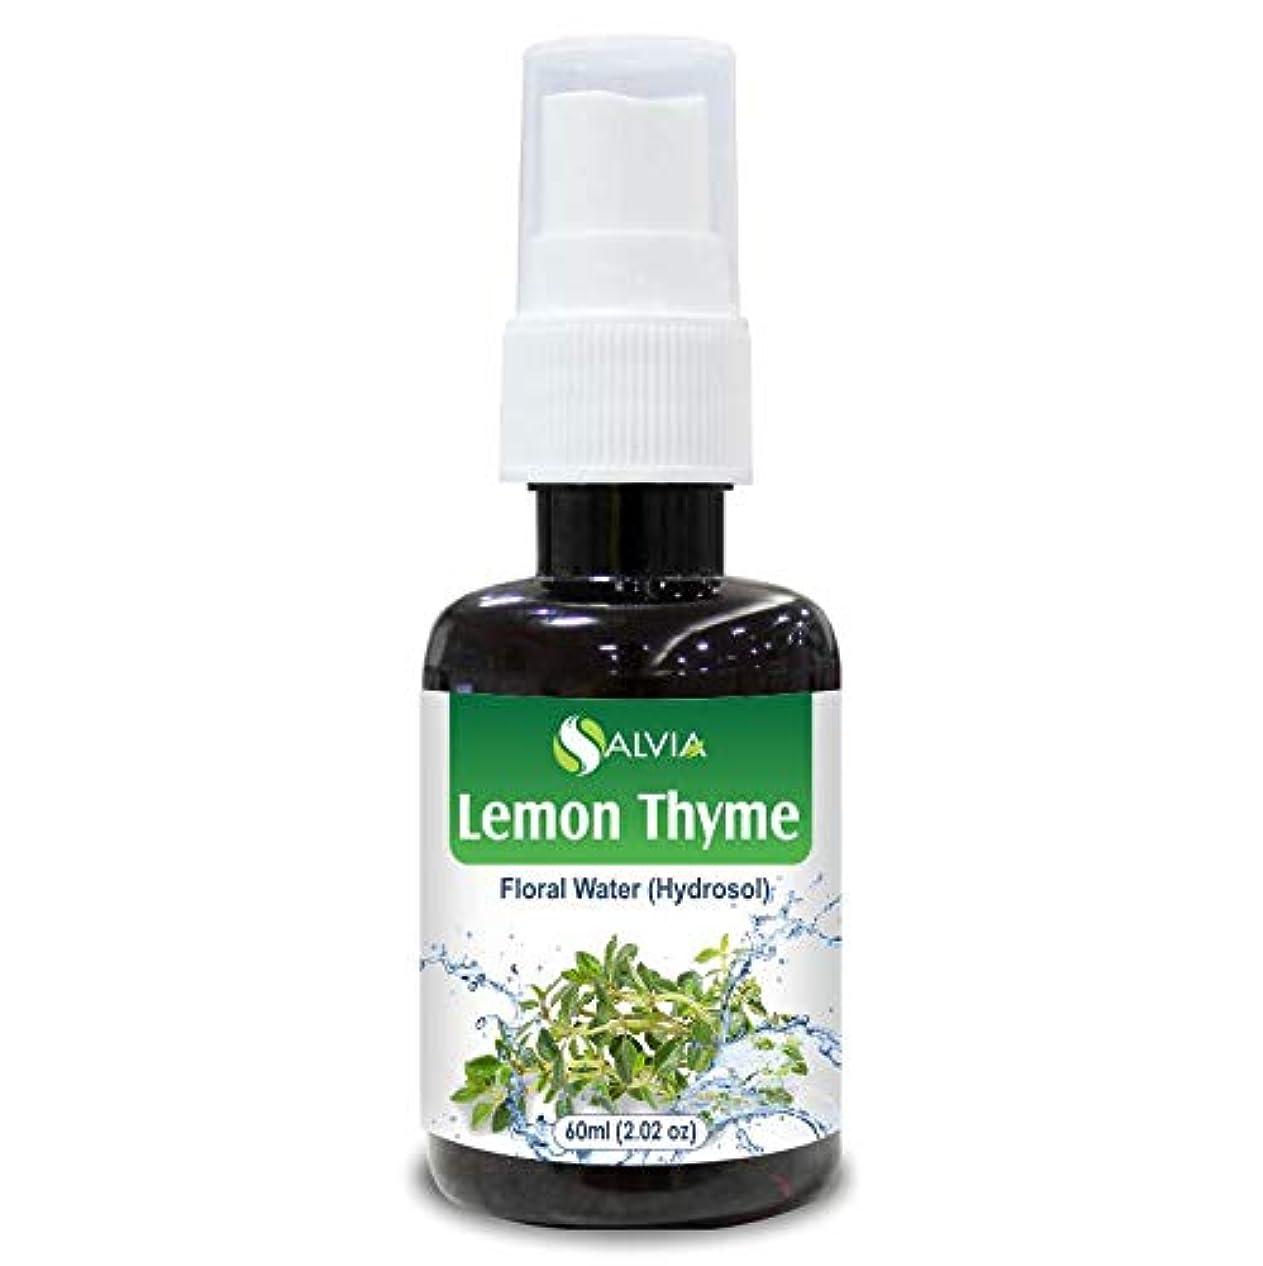 マティスカウンターパート甥Lemon Thyme Floral Water 60ml (Hydrosol) 100% Pure And Natural